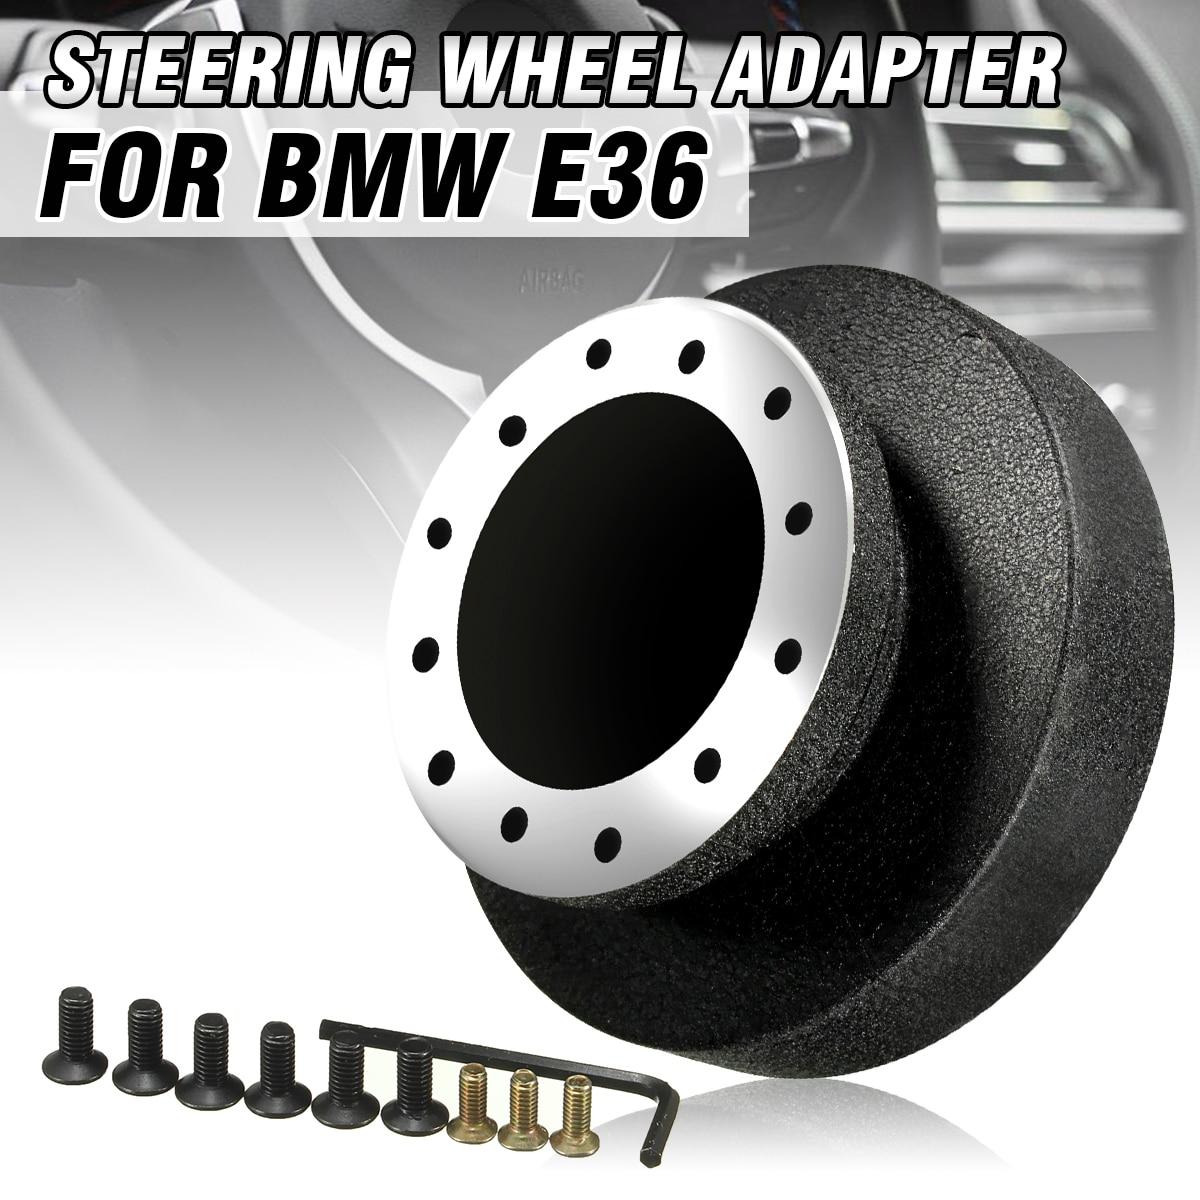 הגה ראסינג רכזת מתאם בוס ערכת Fit עבור BMW E36 עבור אישי Abarth Indy Raid Italvolanti וכו'